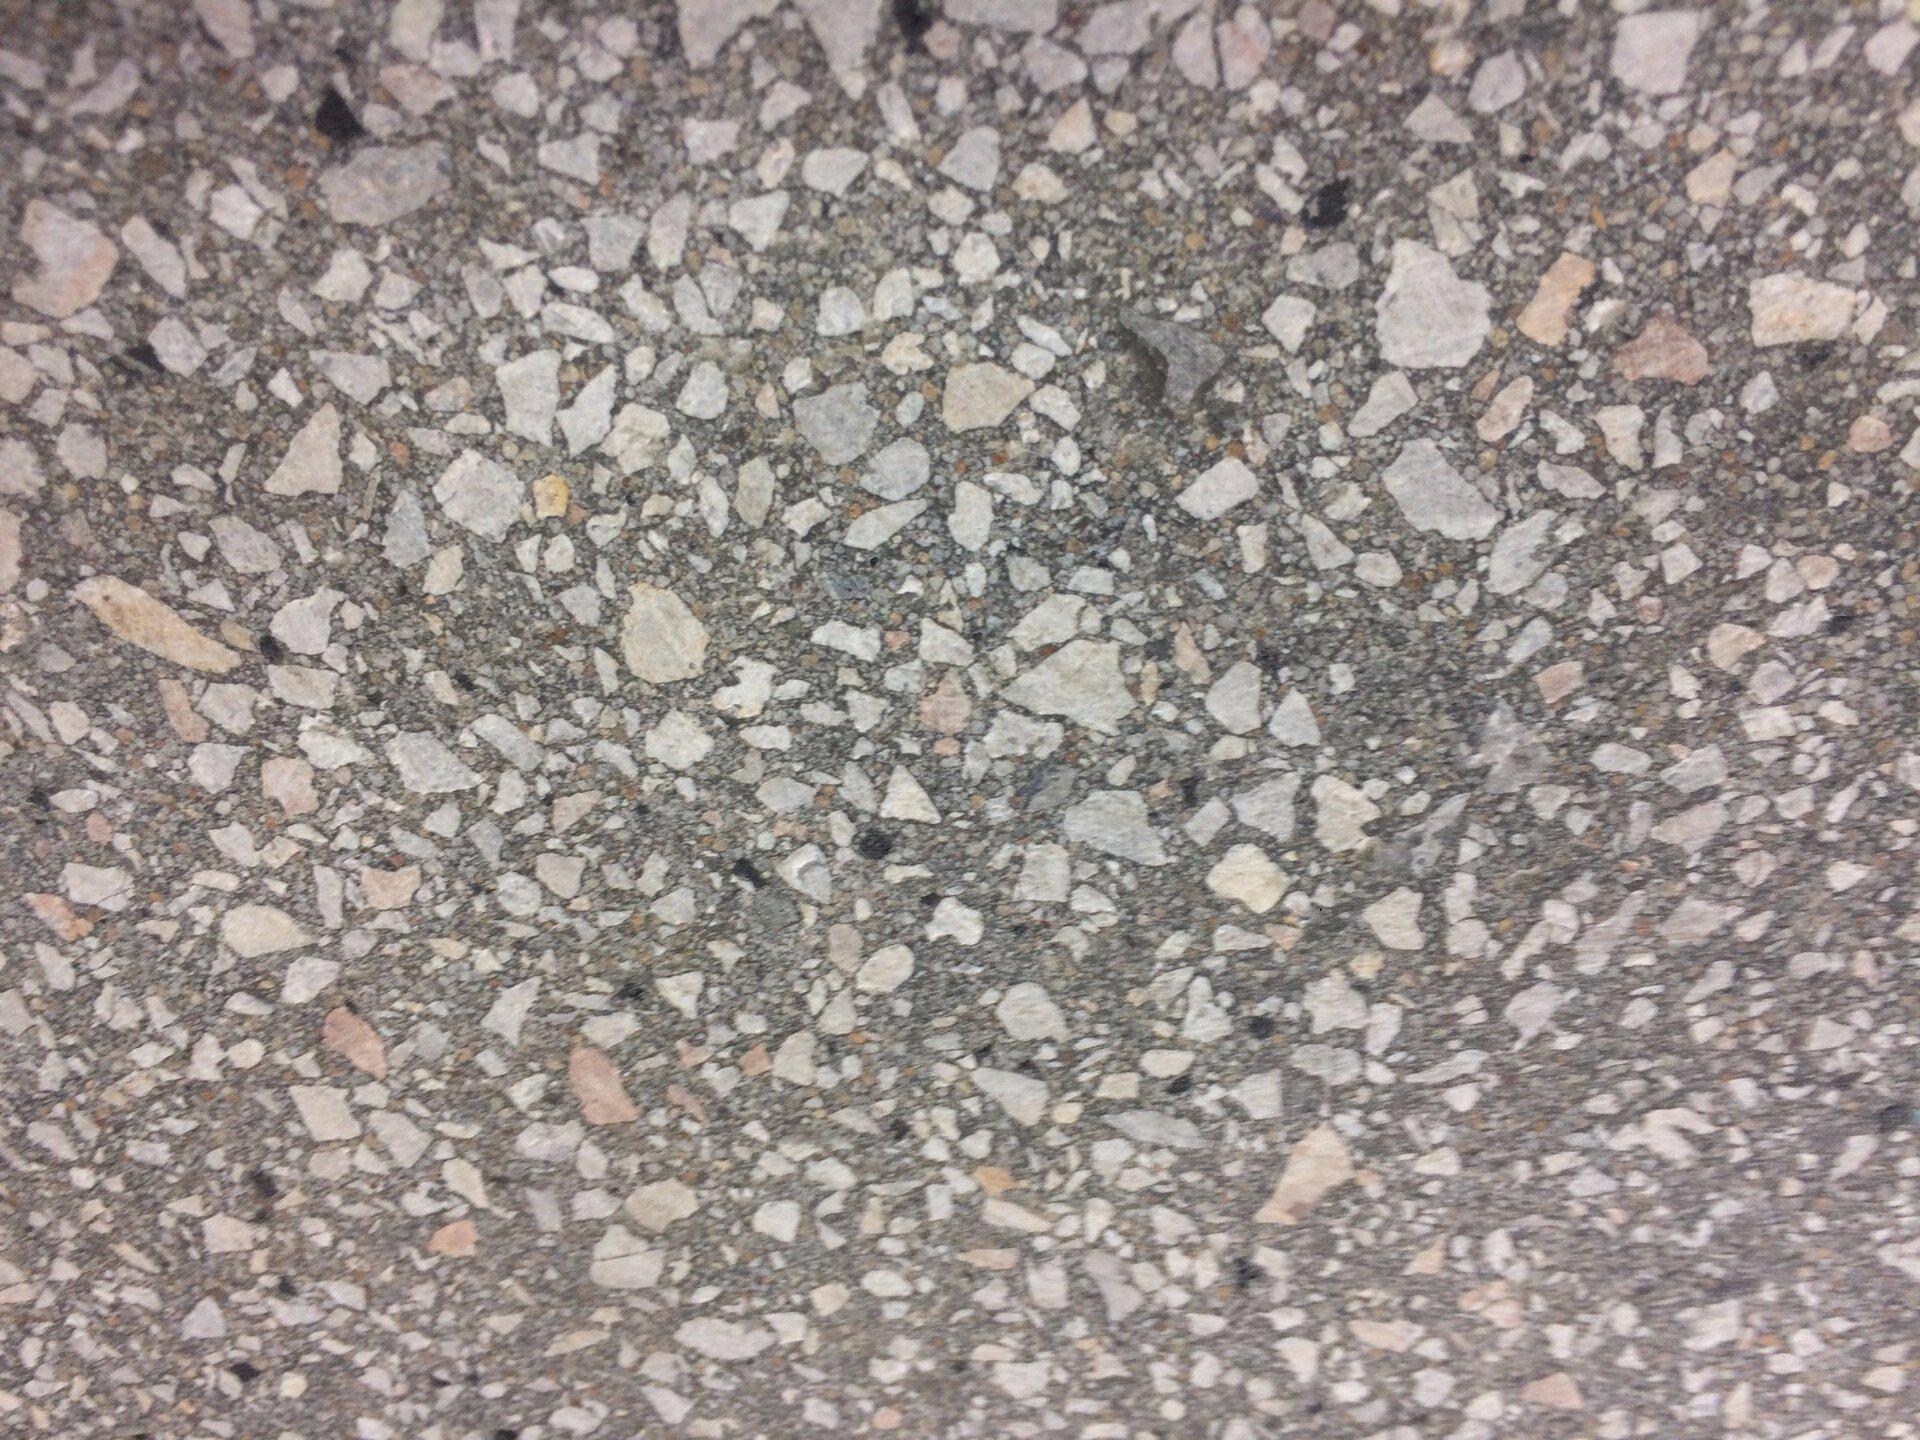 поврехность бетона, усиление углеволокном перекрытий, балок, колонн